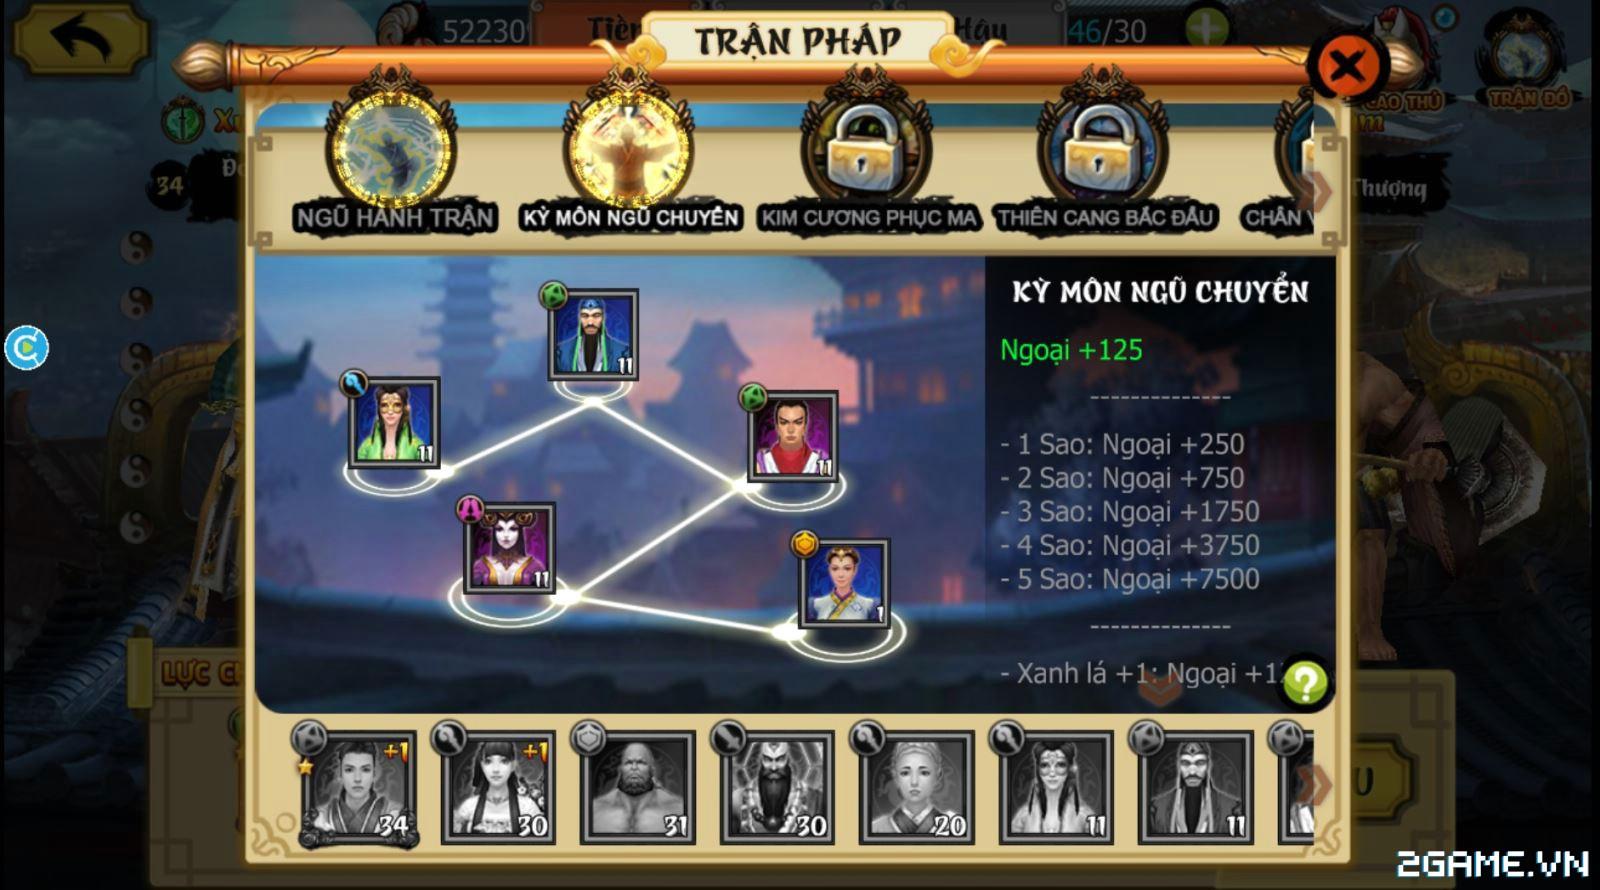 Hoa Sơn Luận Kiếm 3D - Tăng lực chiến vs Trận đồ, Thú cưỡi 2